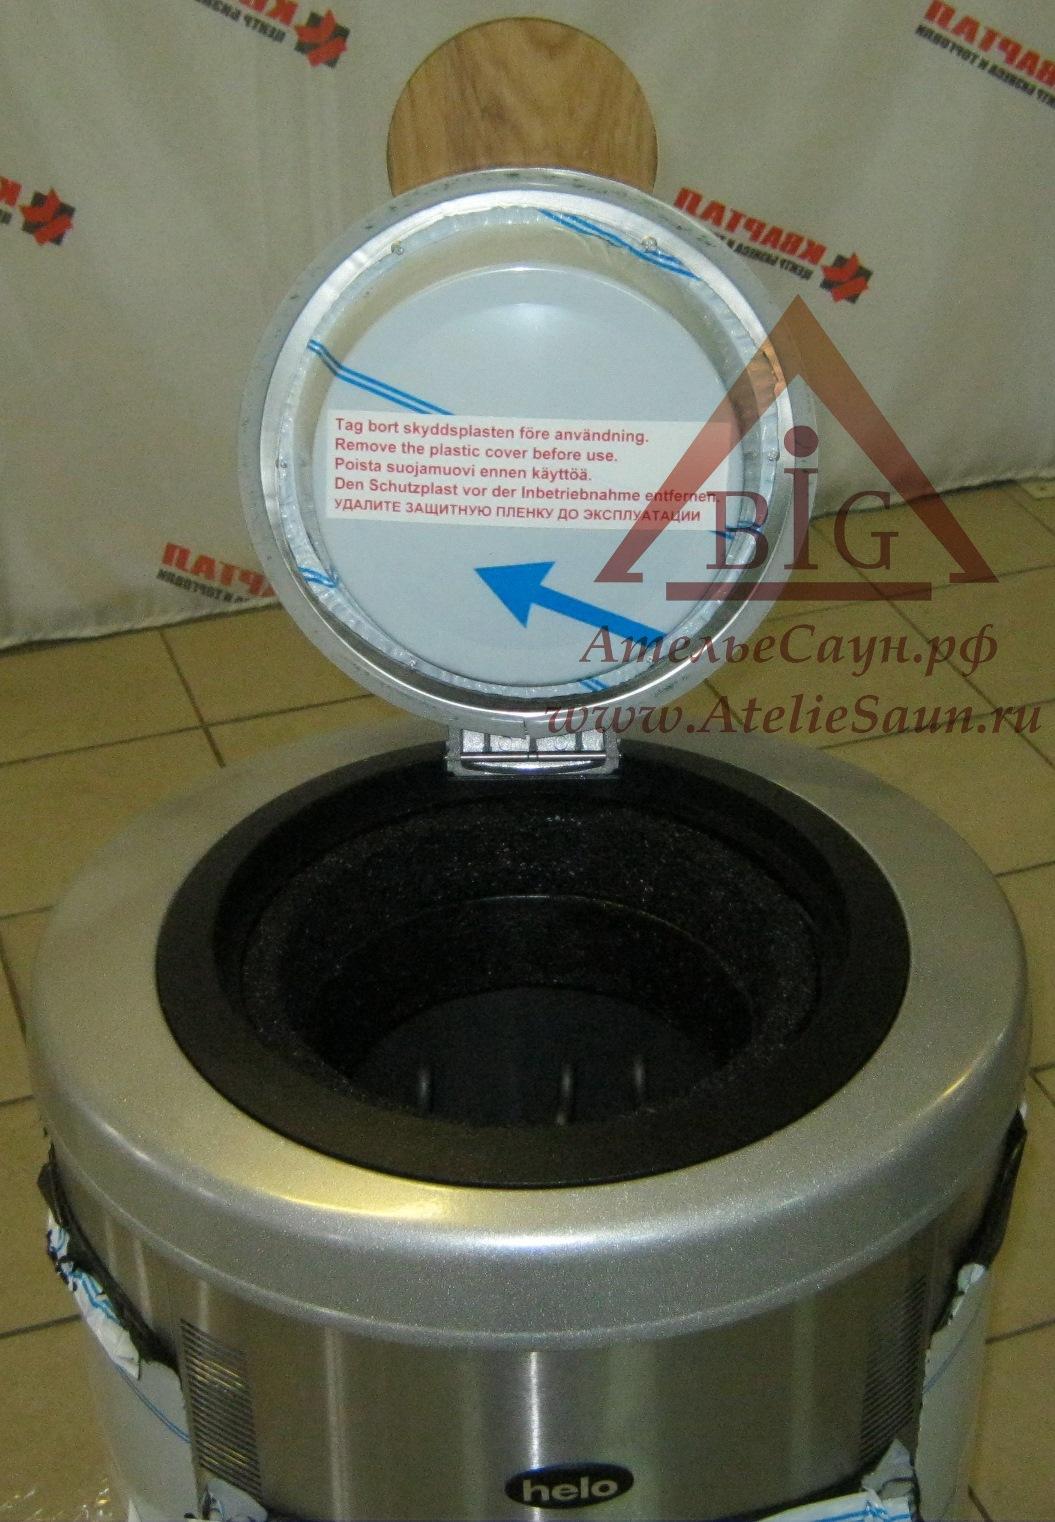 Печь-термос для сауны Helo Rondo 650 (матовая нерж. сталь, с пультом в комплекте)